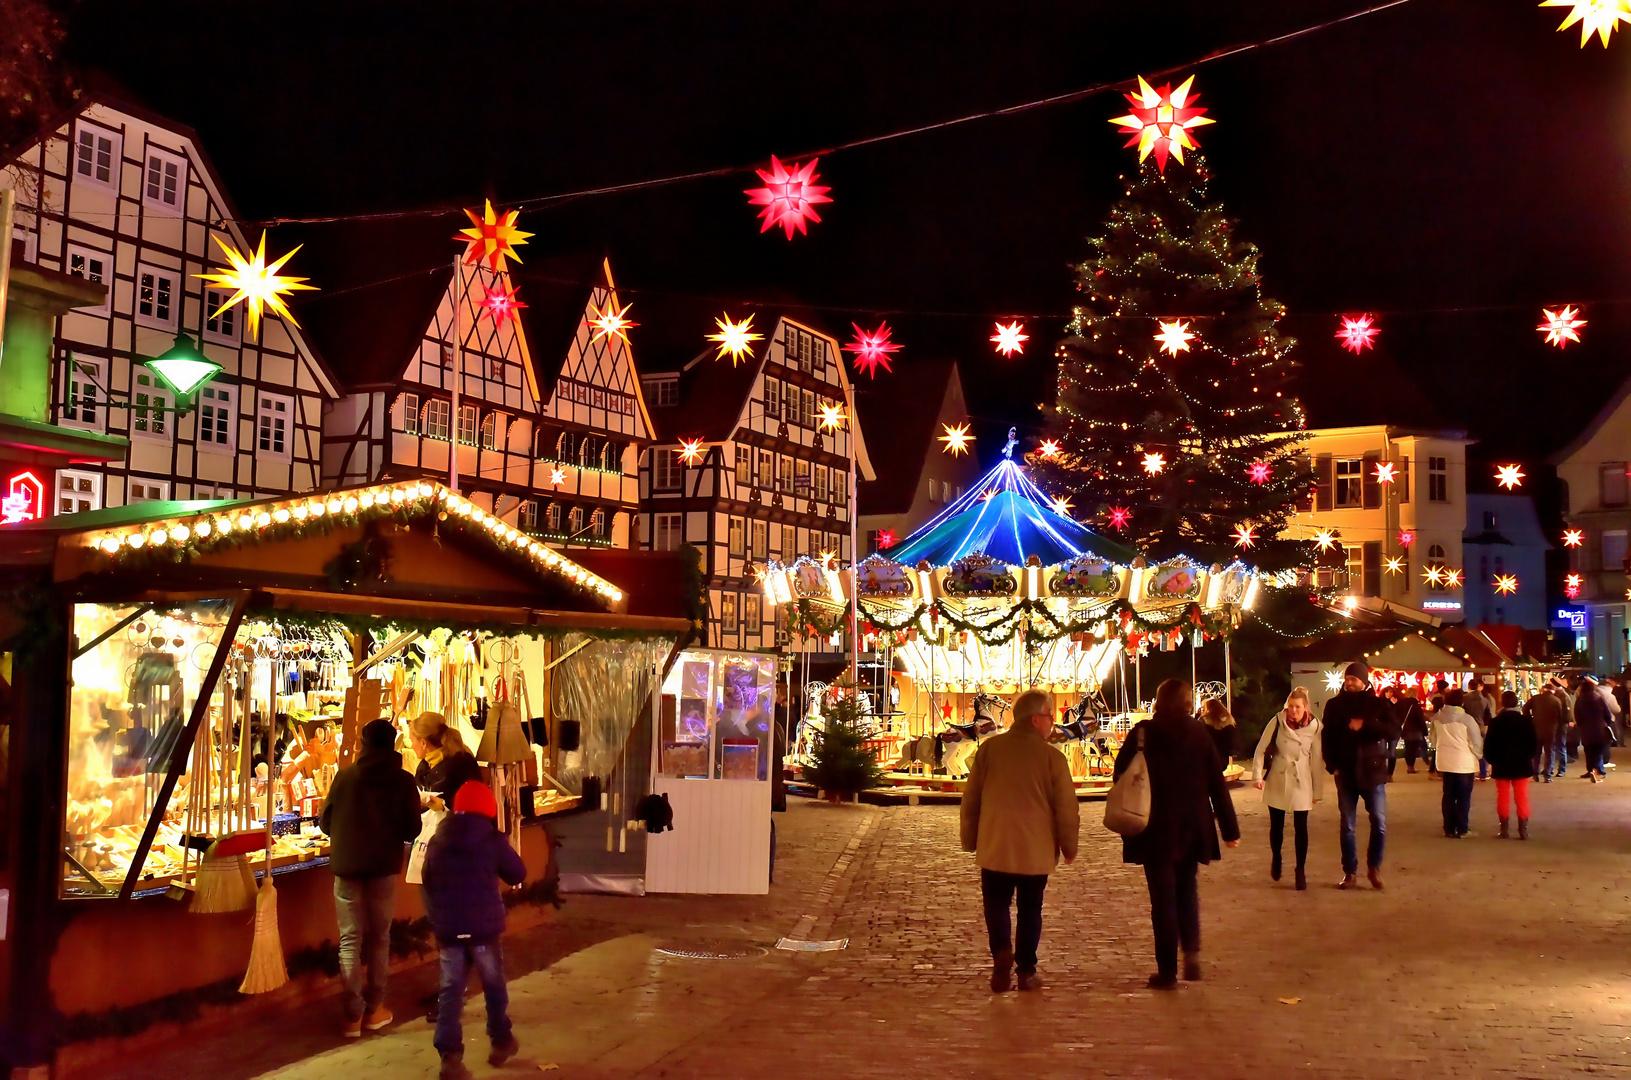 Soest Weihnachtsmarkt.Weihnachtsmarkt Soest Foto Bild Weihnachten Einkaufen